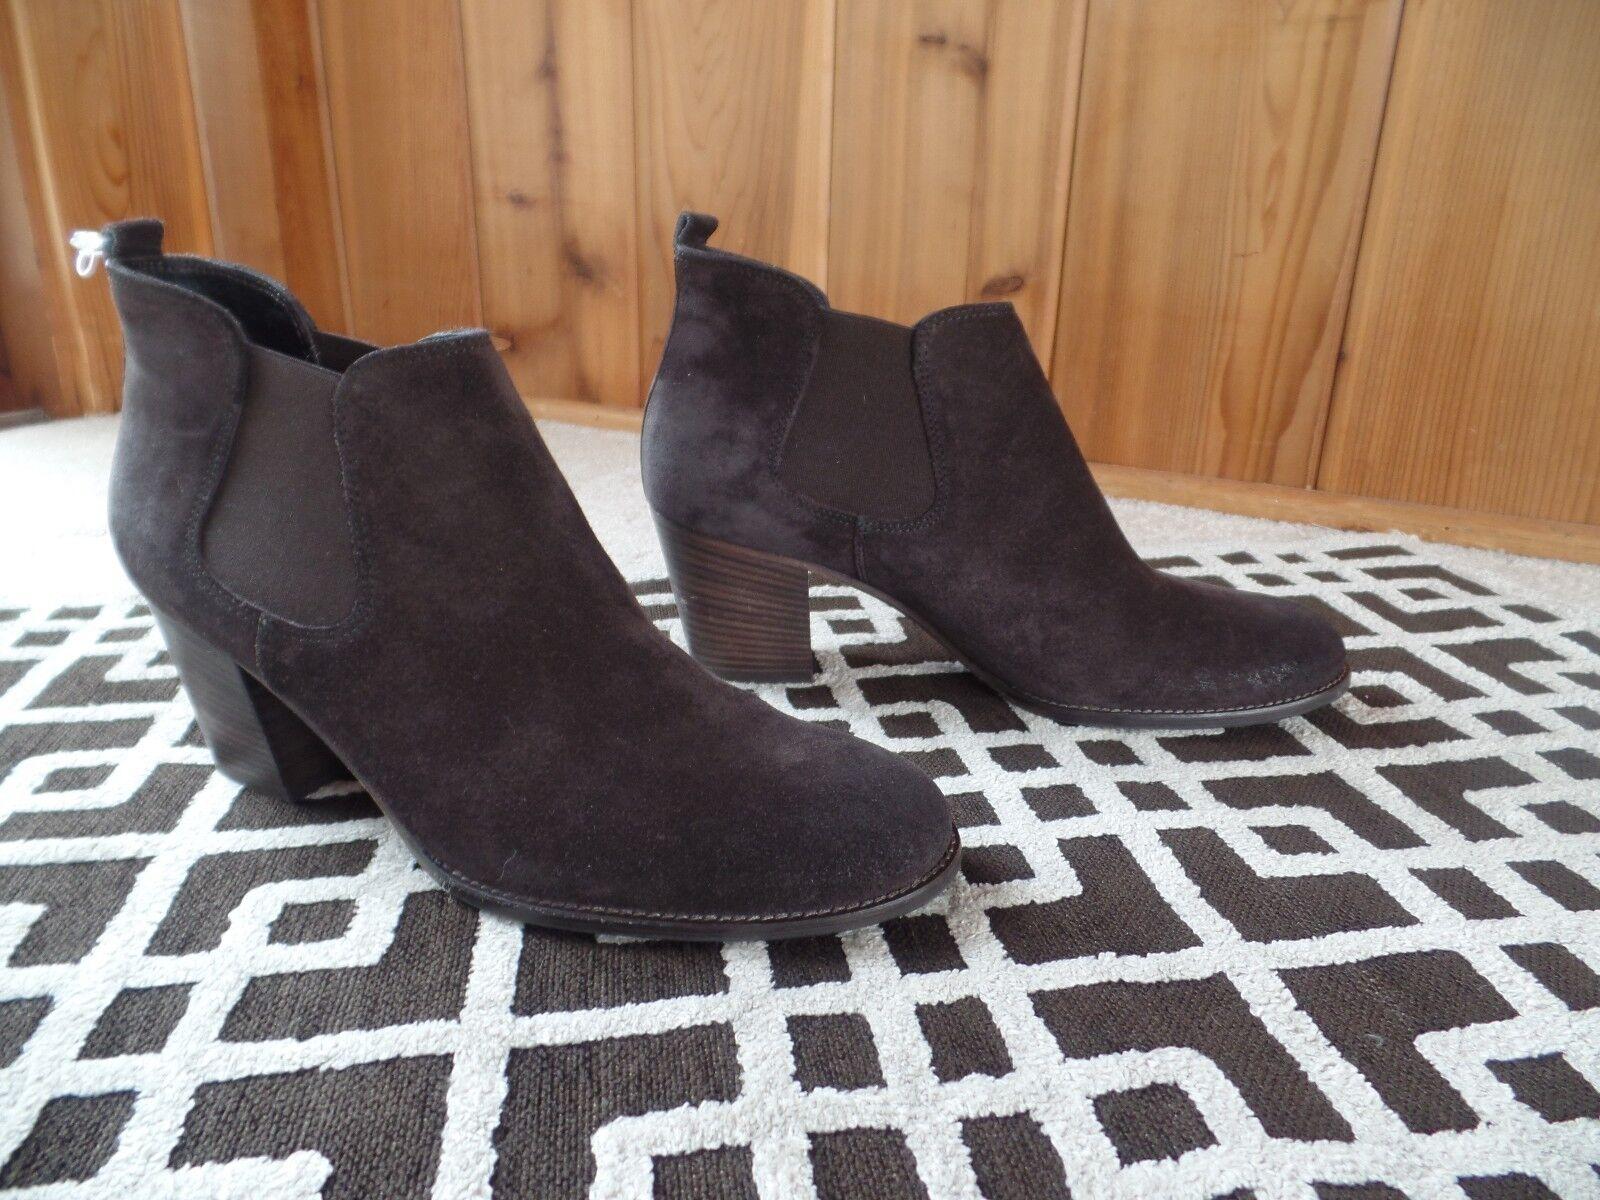 Nuevas botas talla 10 EE. UU. Paul verde, Marrón 7.5 UK